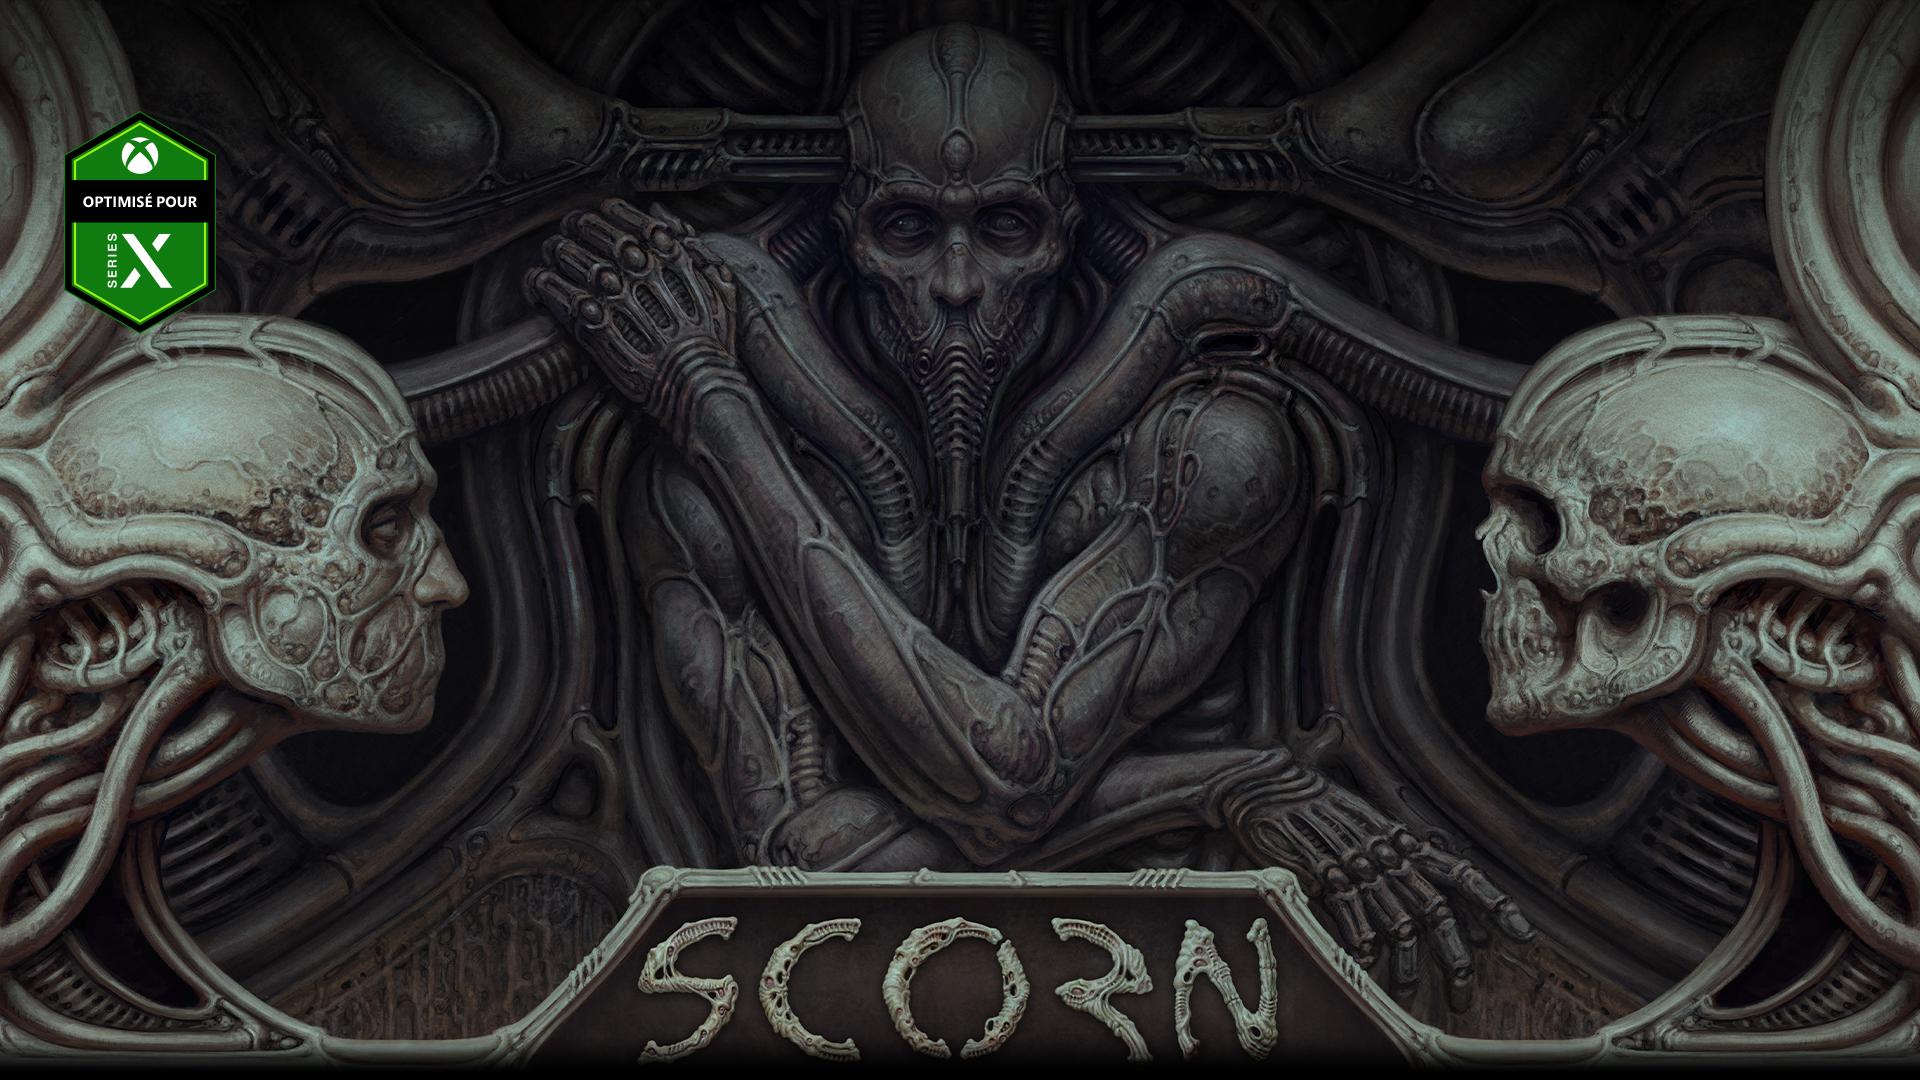 Personnage de Scorn encastré dans un mur avec deux crânes.